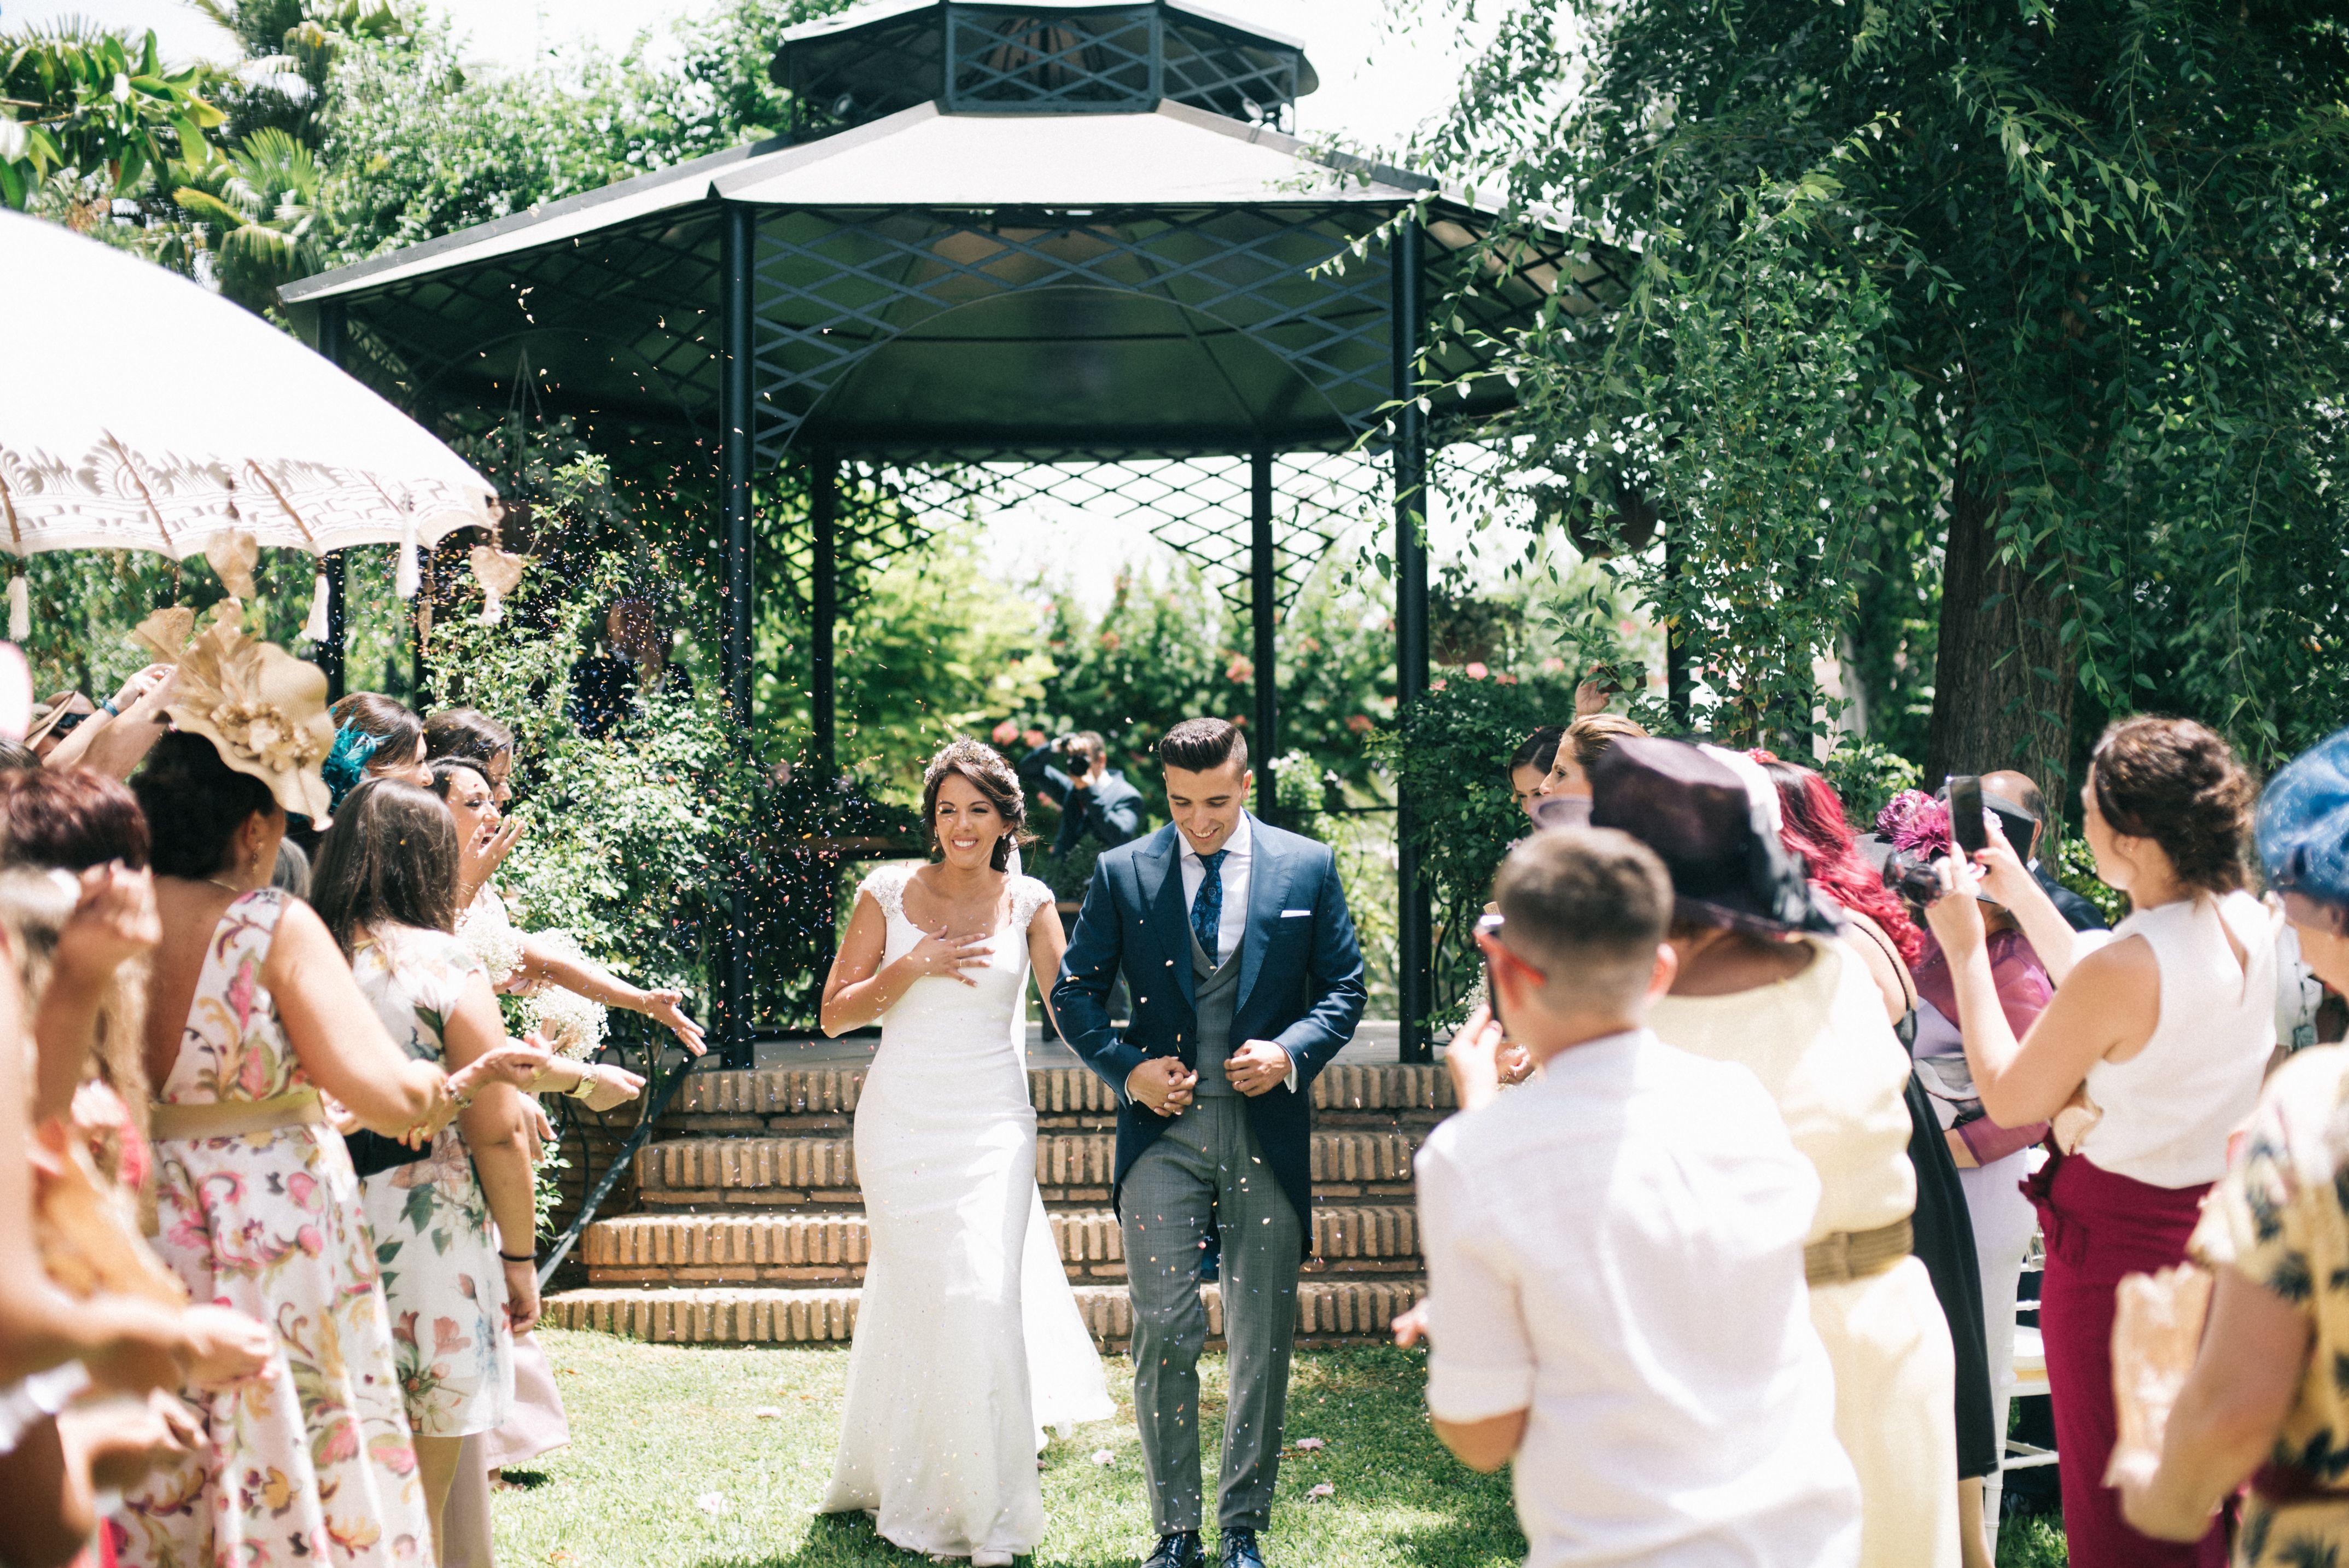 La boda de Roberto y Cristina 48